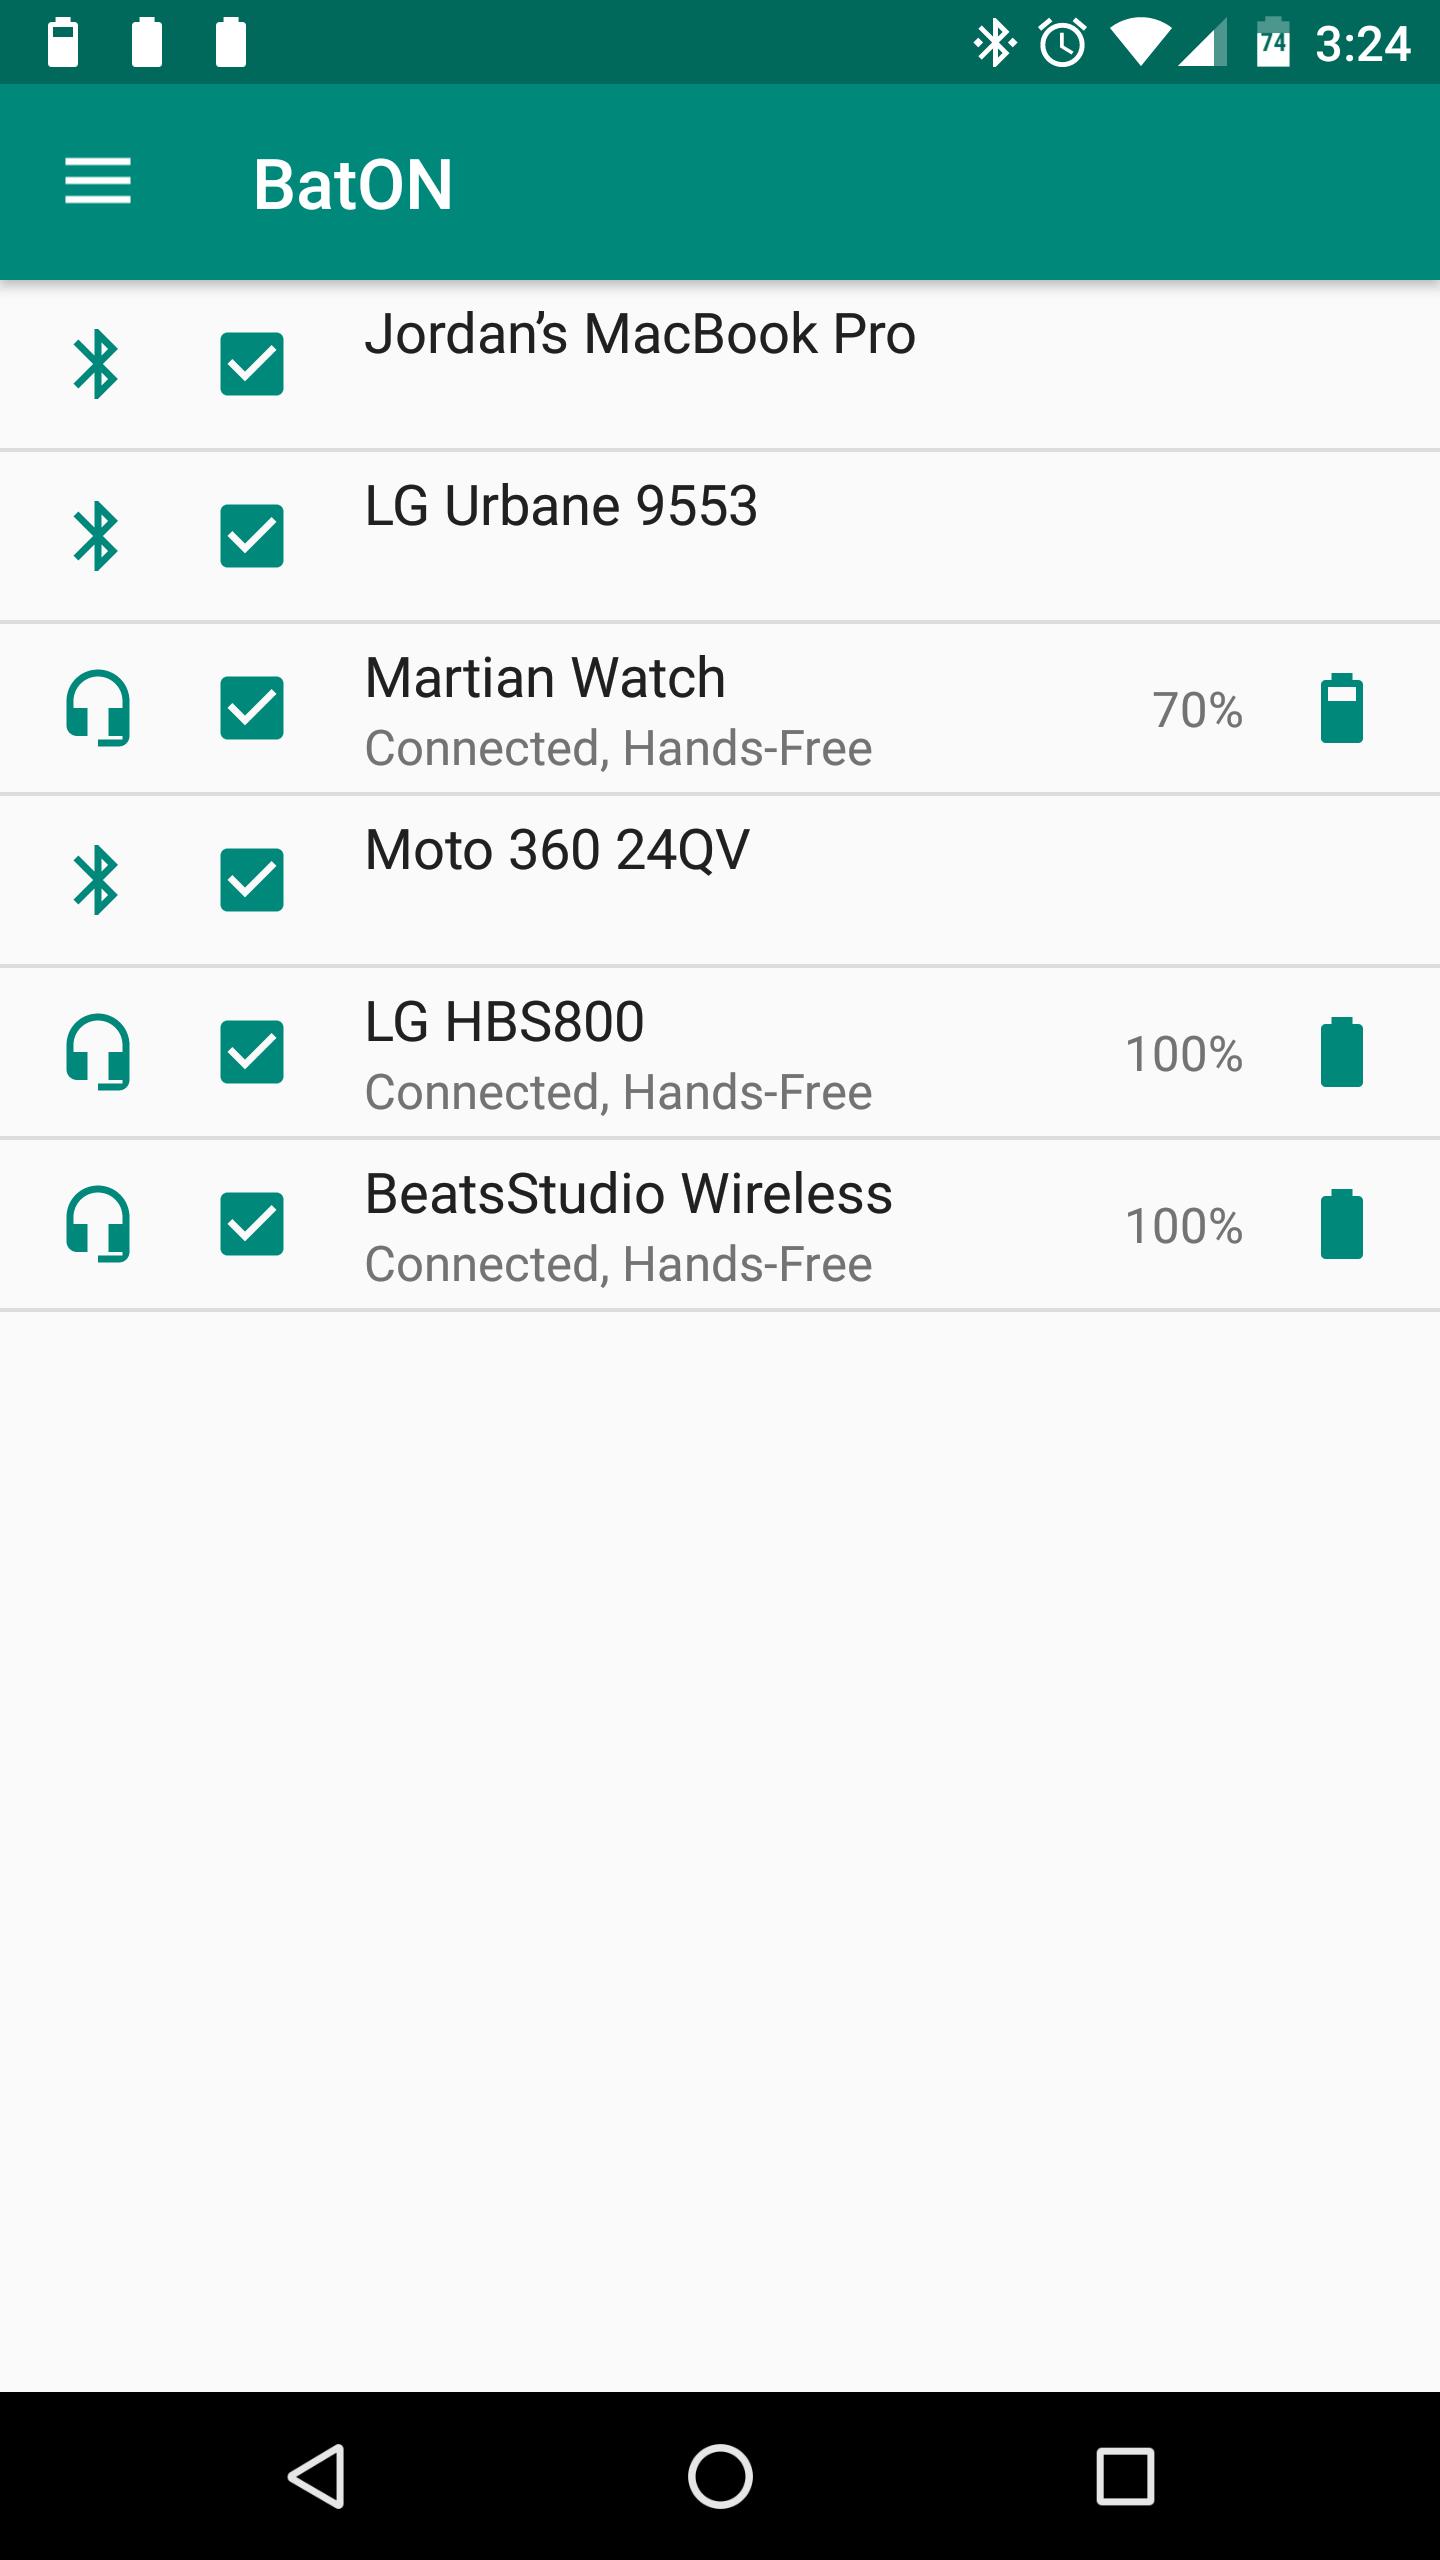 تطبيق BatON يعرض لك مستوى البطارية للأجهزة المتصلة بتقنية البلوتوث